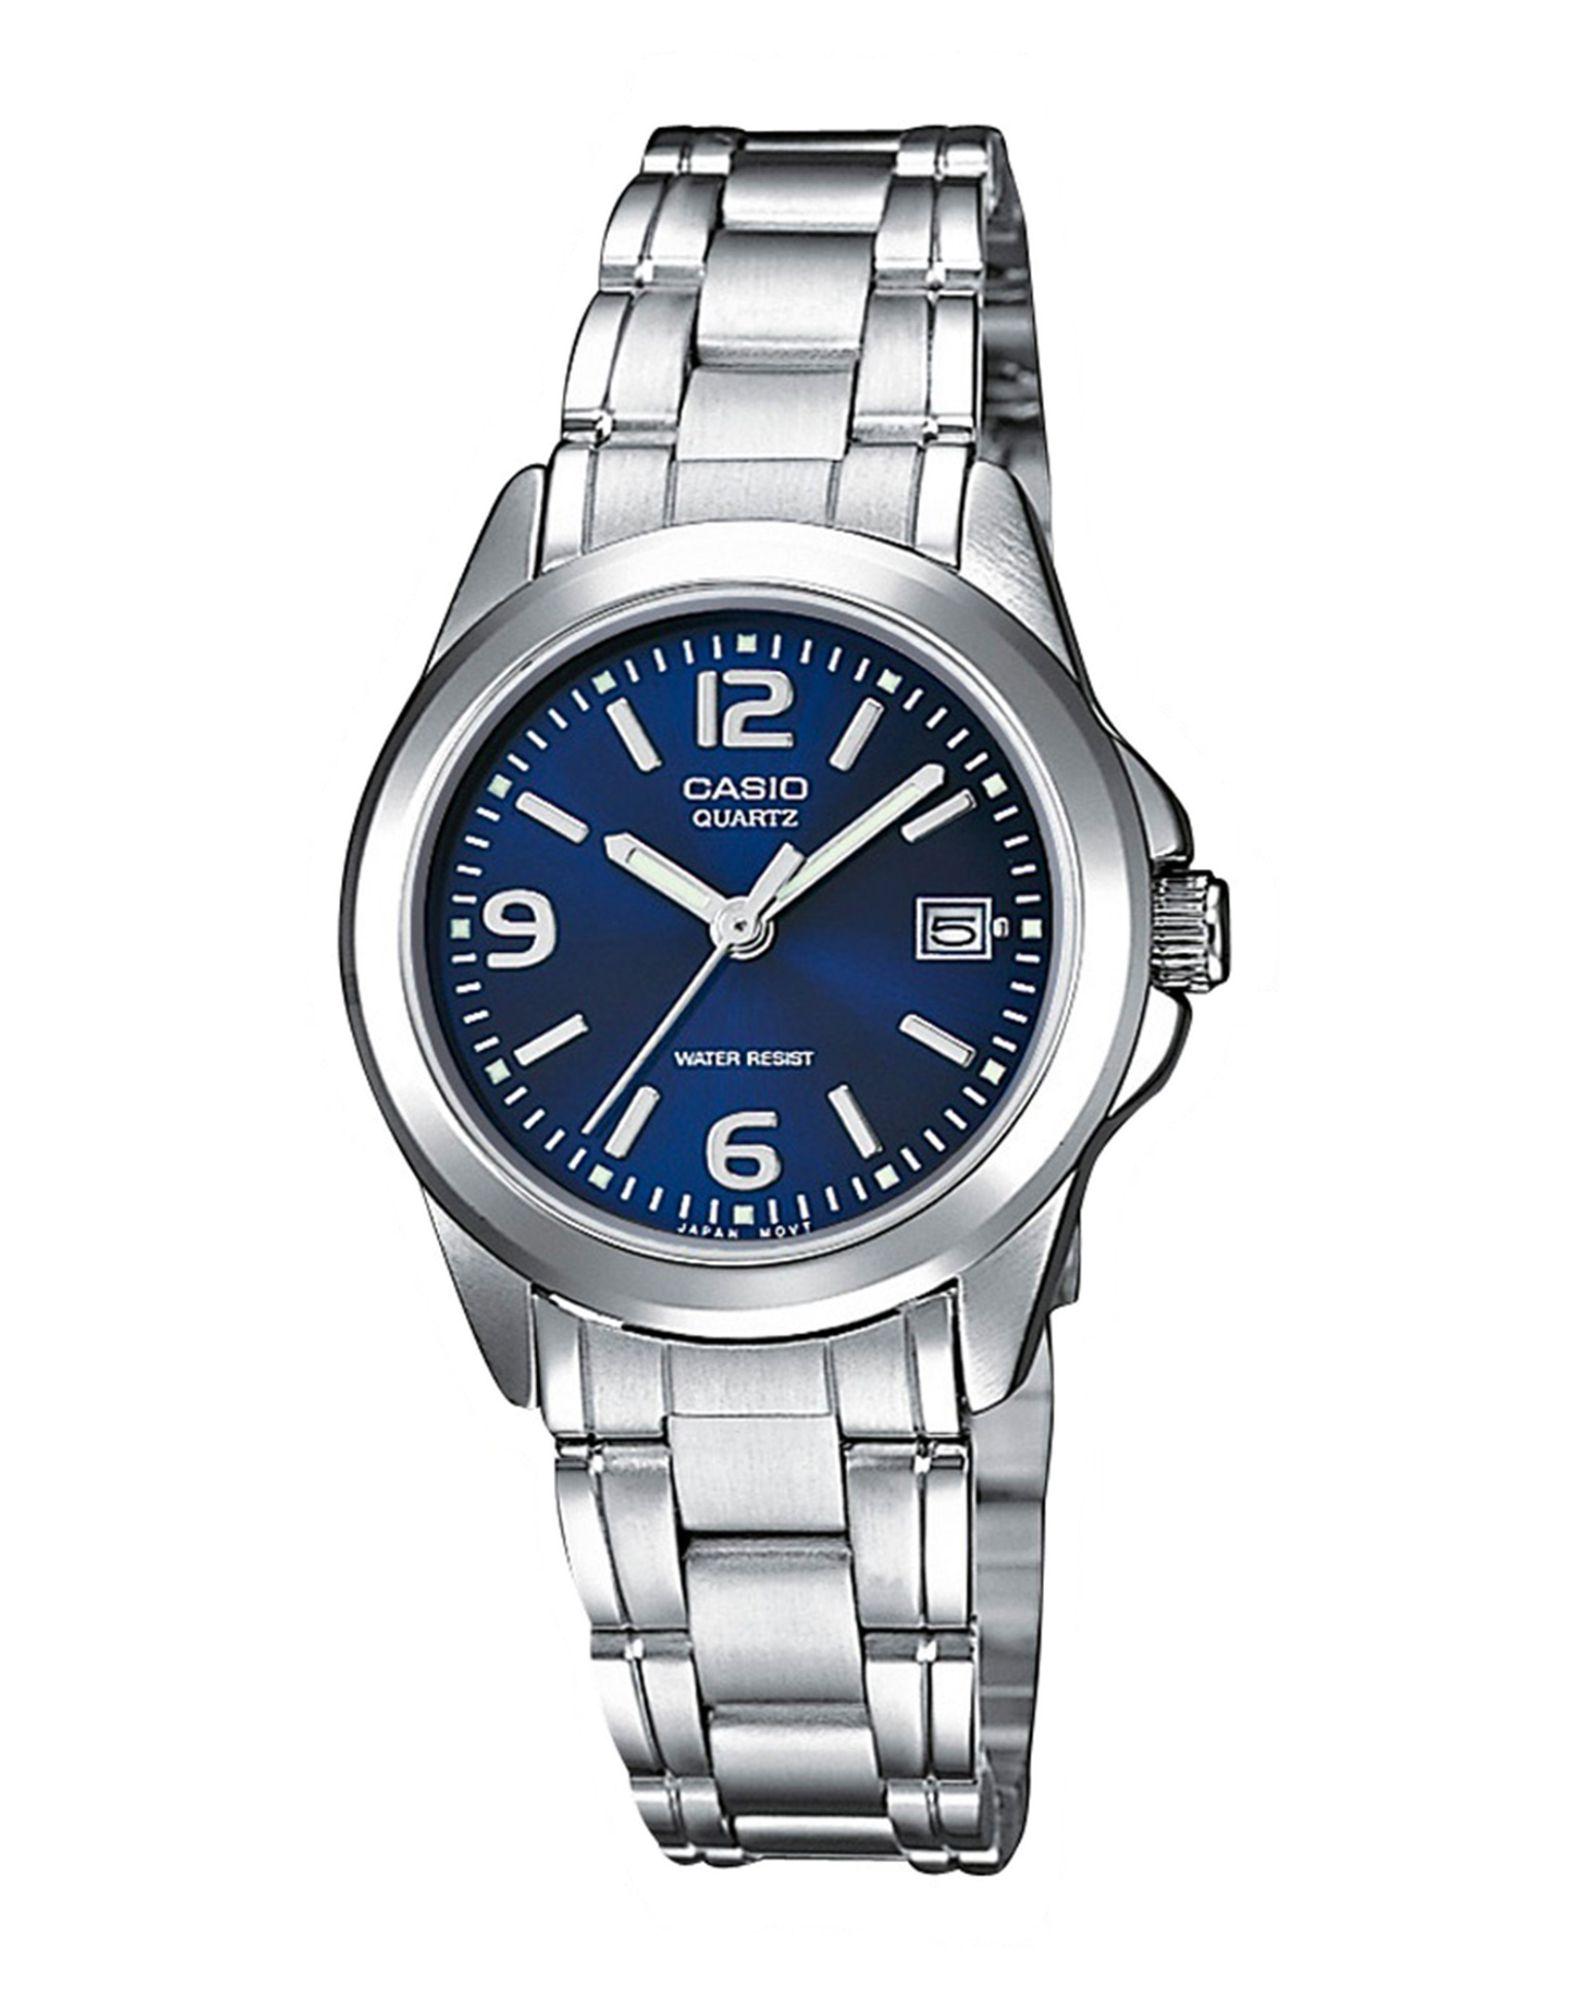 CASIO Herren Armbanduhr Farbe Blau Größe 1